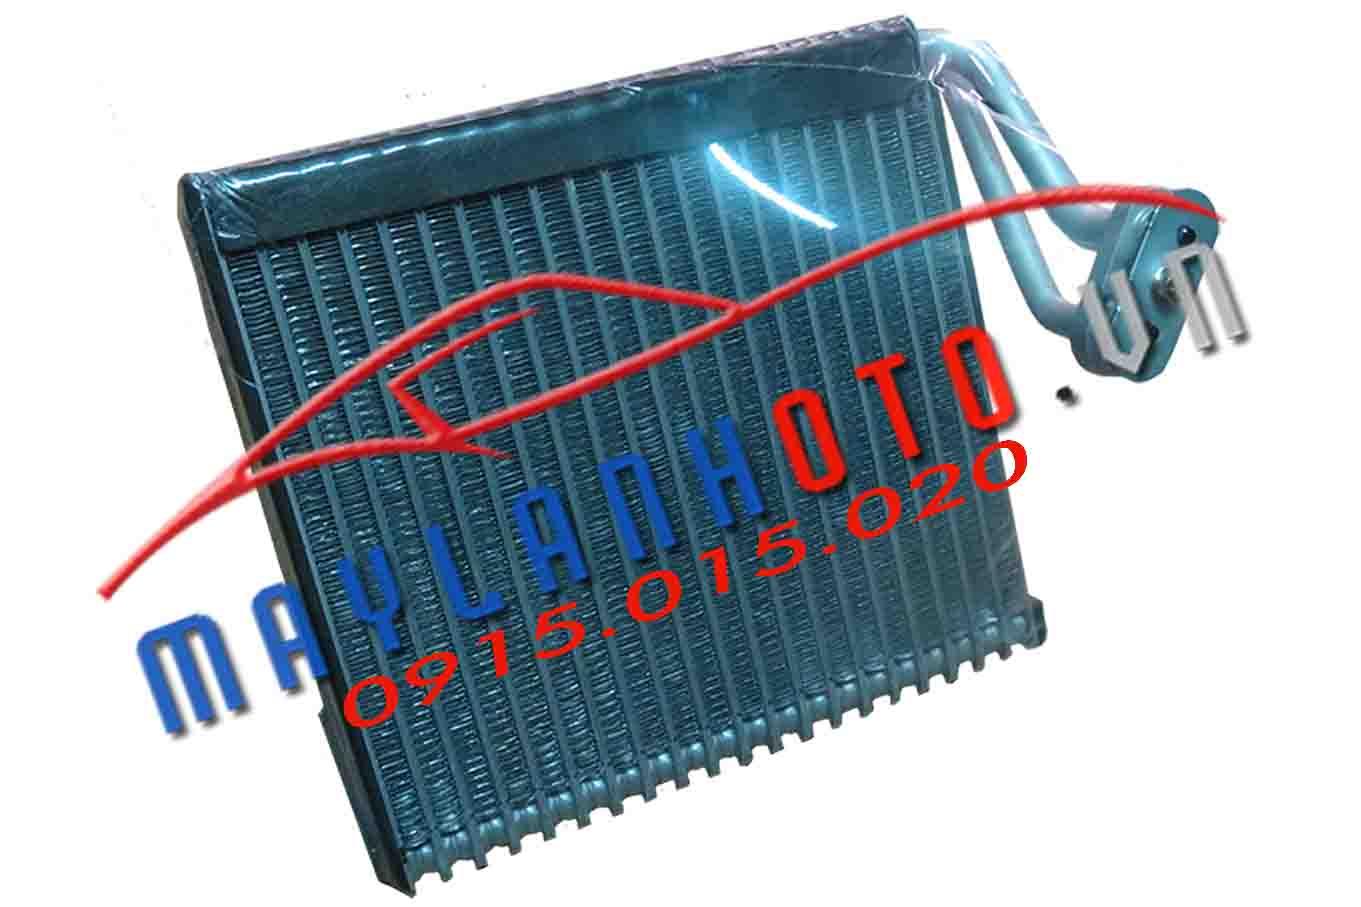 Chevrolet Captiva 08-12 / Dàn lạnh Chevrolet Captiva 2008 - 2012 / Giàn lạnh Chevrolet Captiva 2008 - 2012